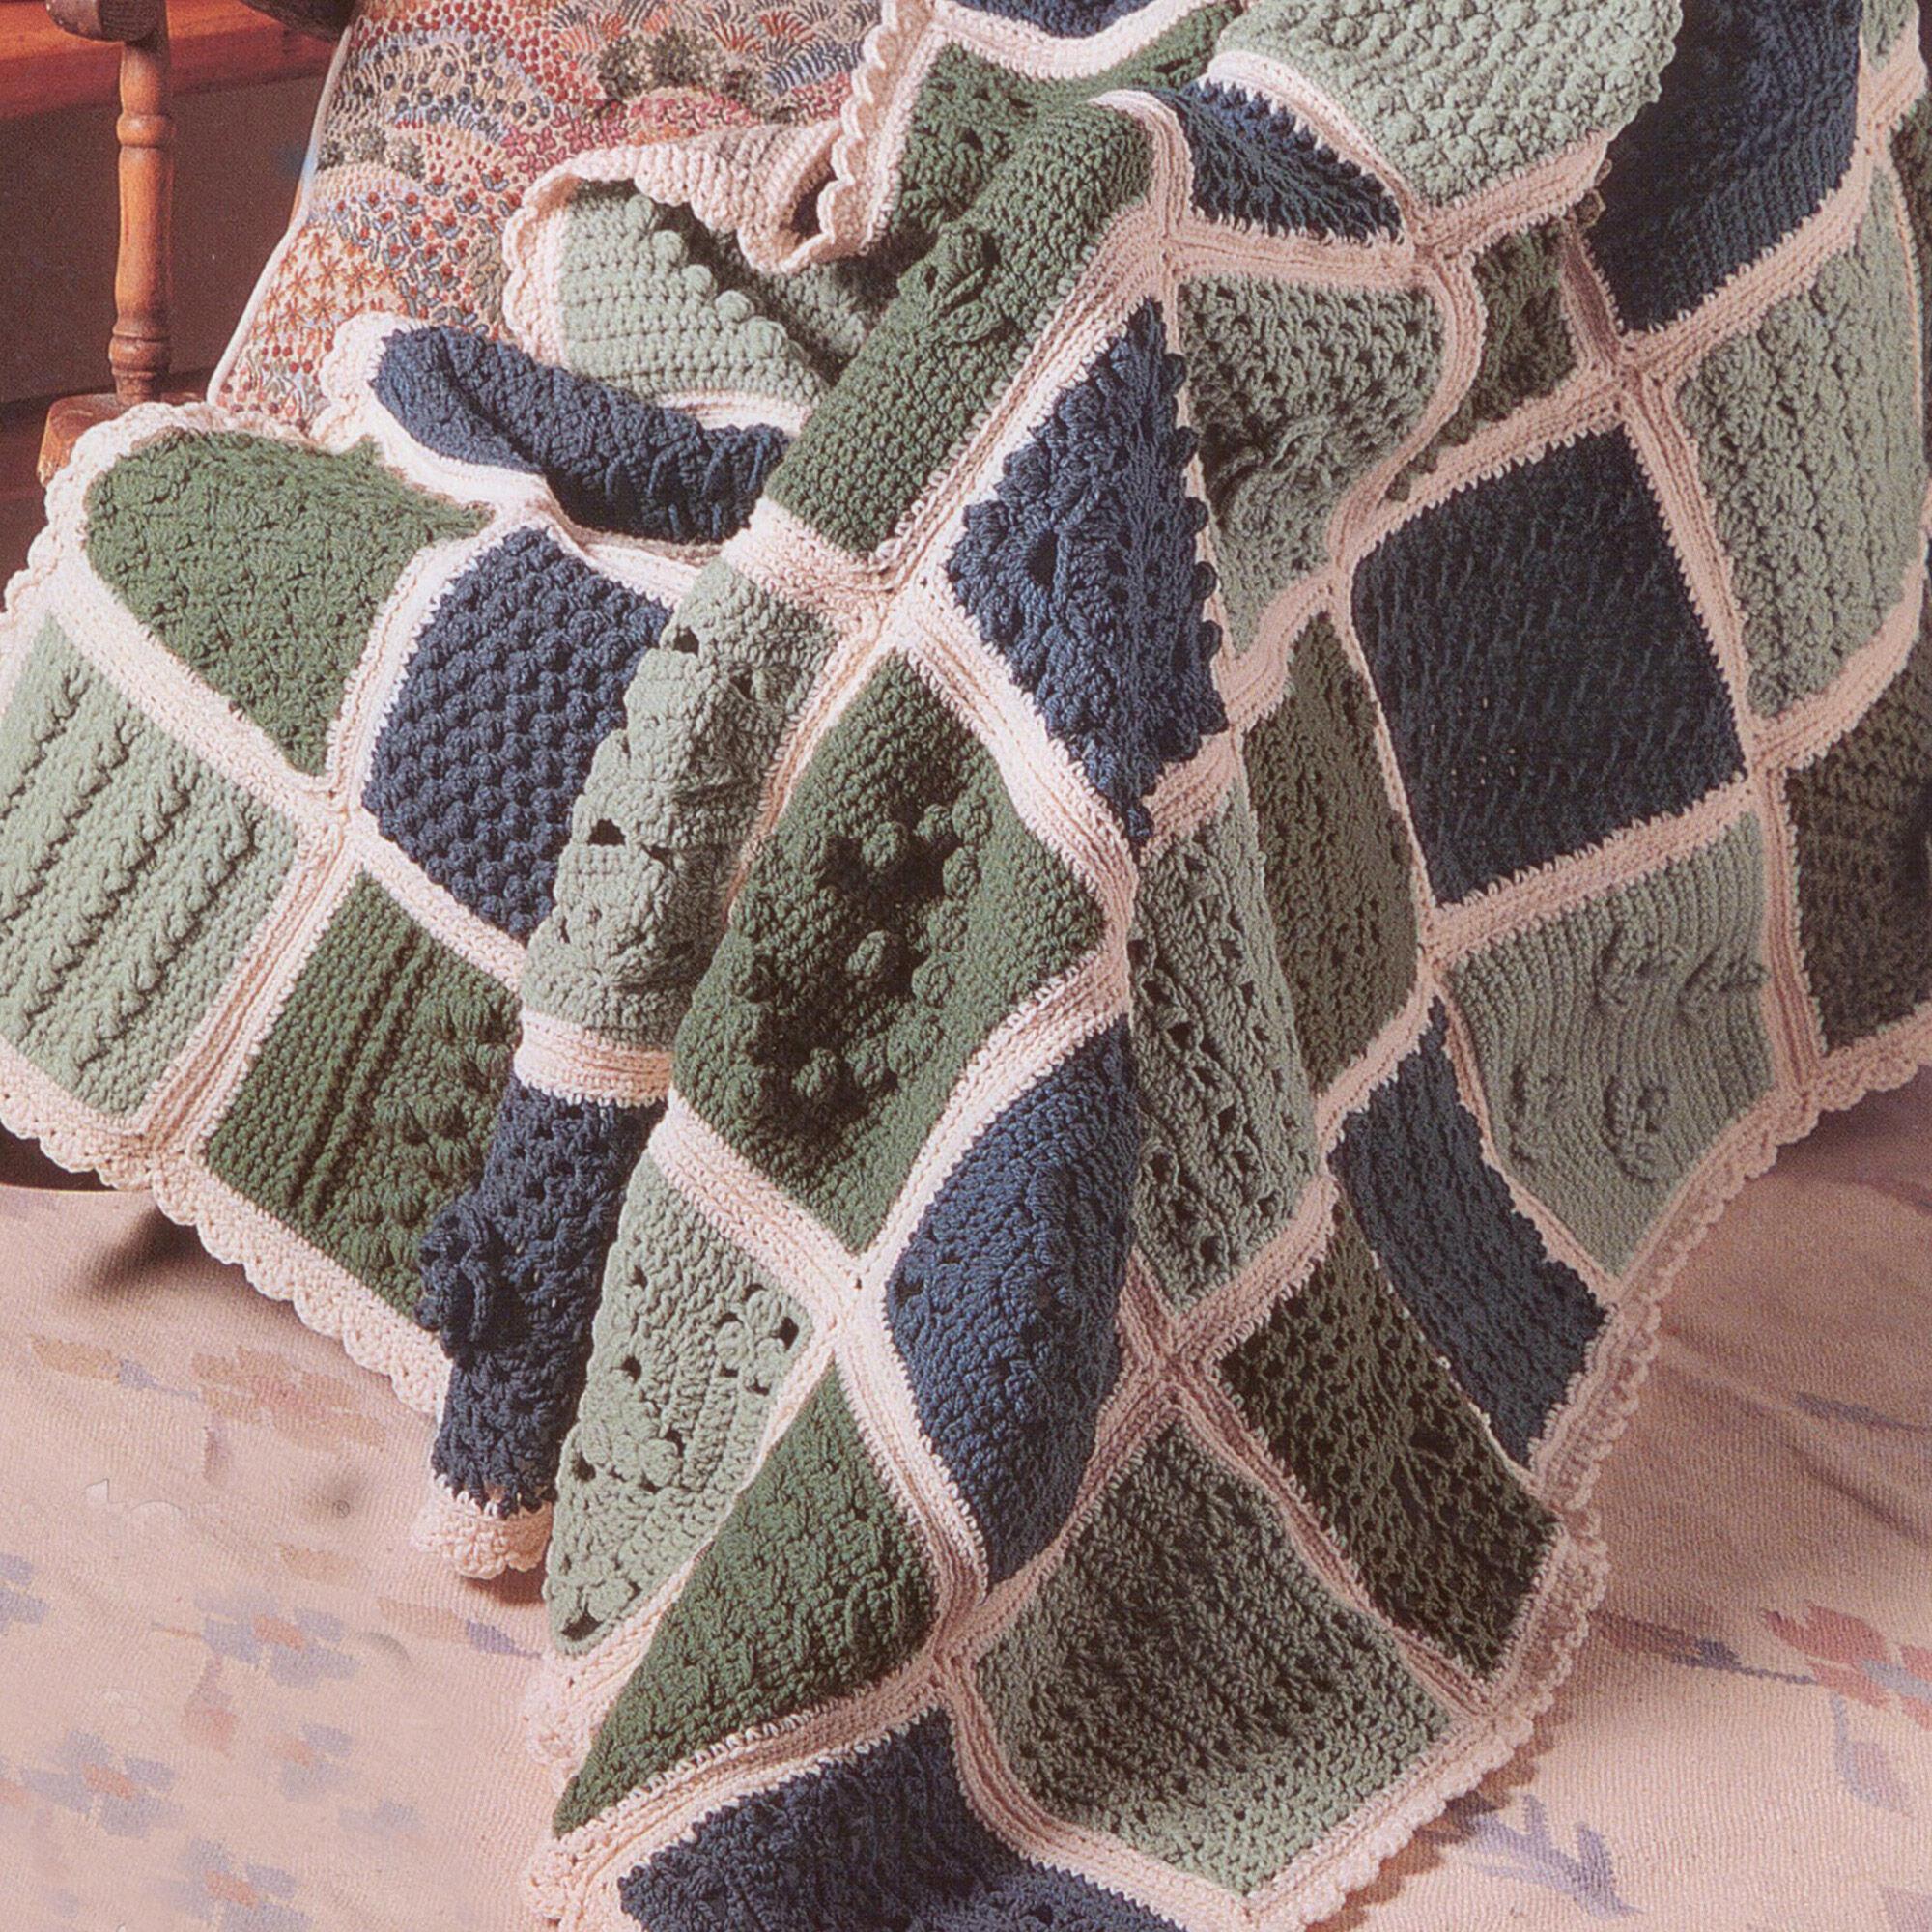 Patons Sampler Afghan To Crochet Yarnspirations